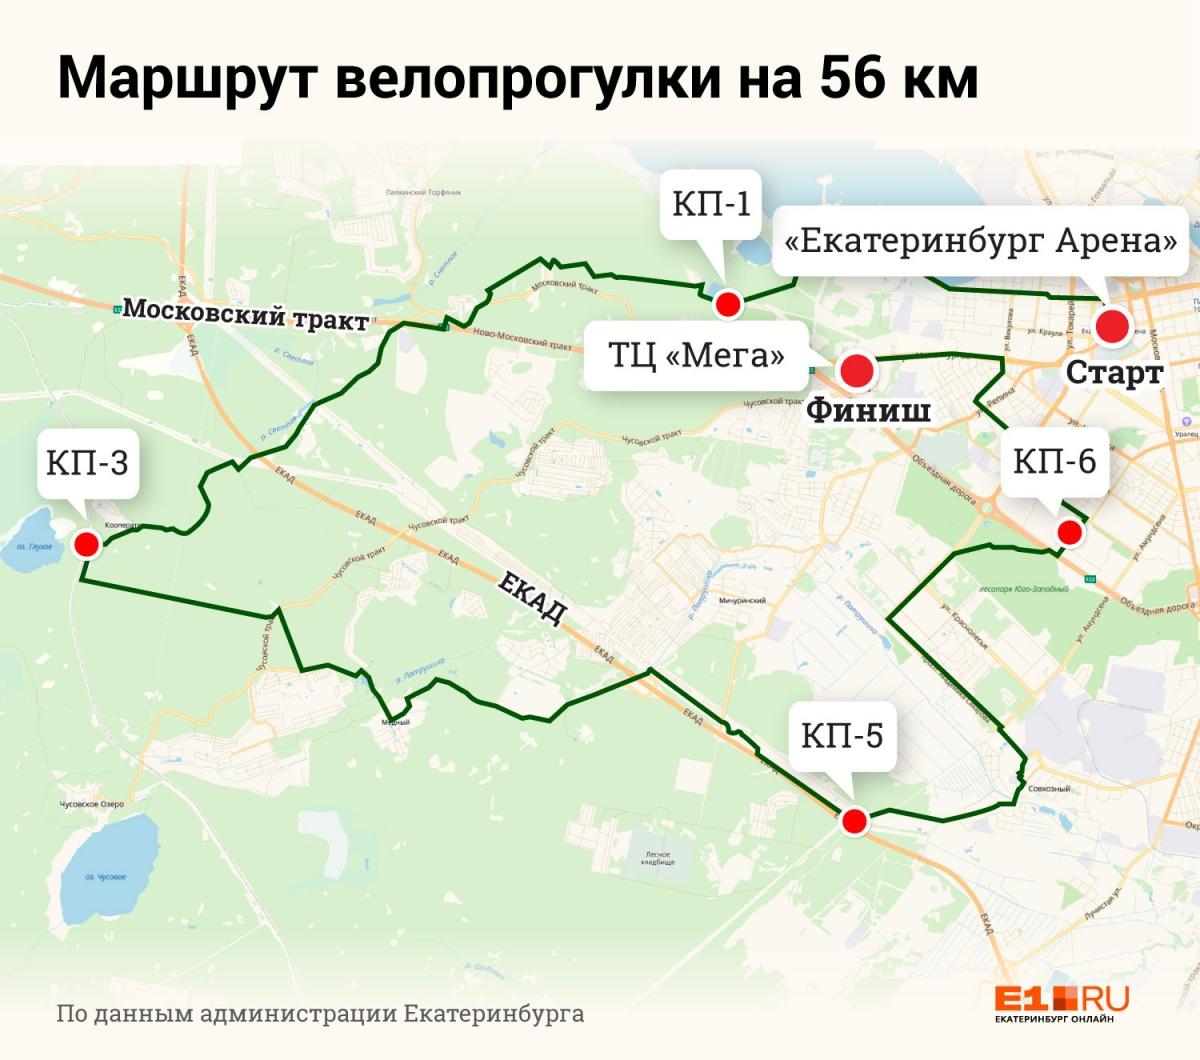 Из «Майской велопрогулки» убрали самый длинный маршрут, потому что он оказался опасным